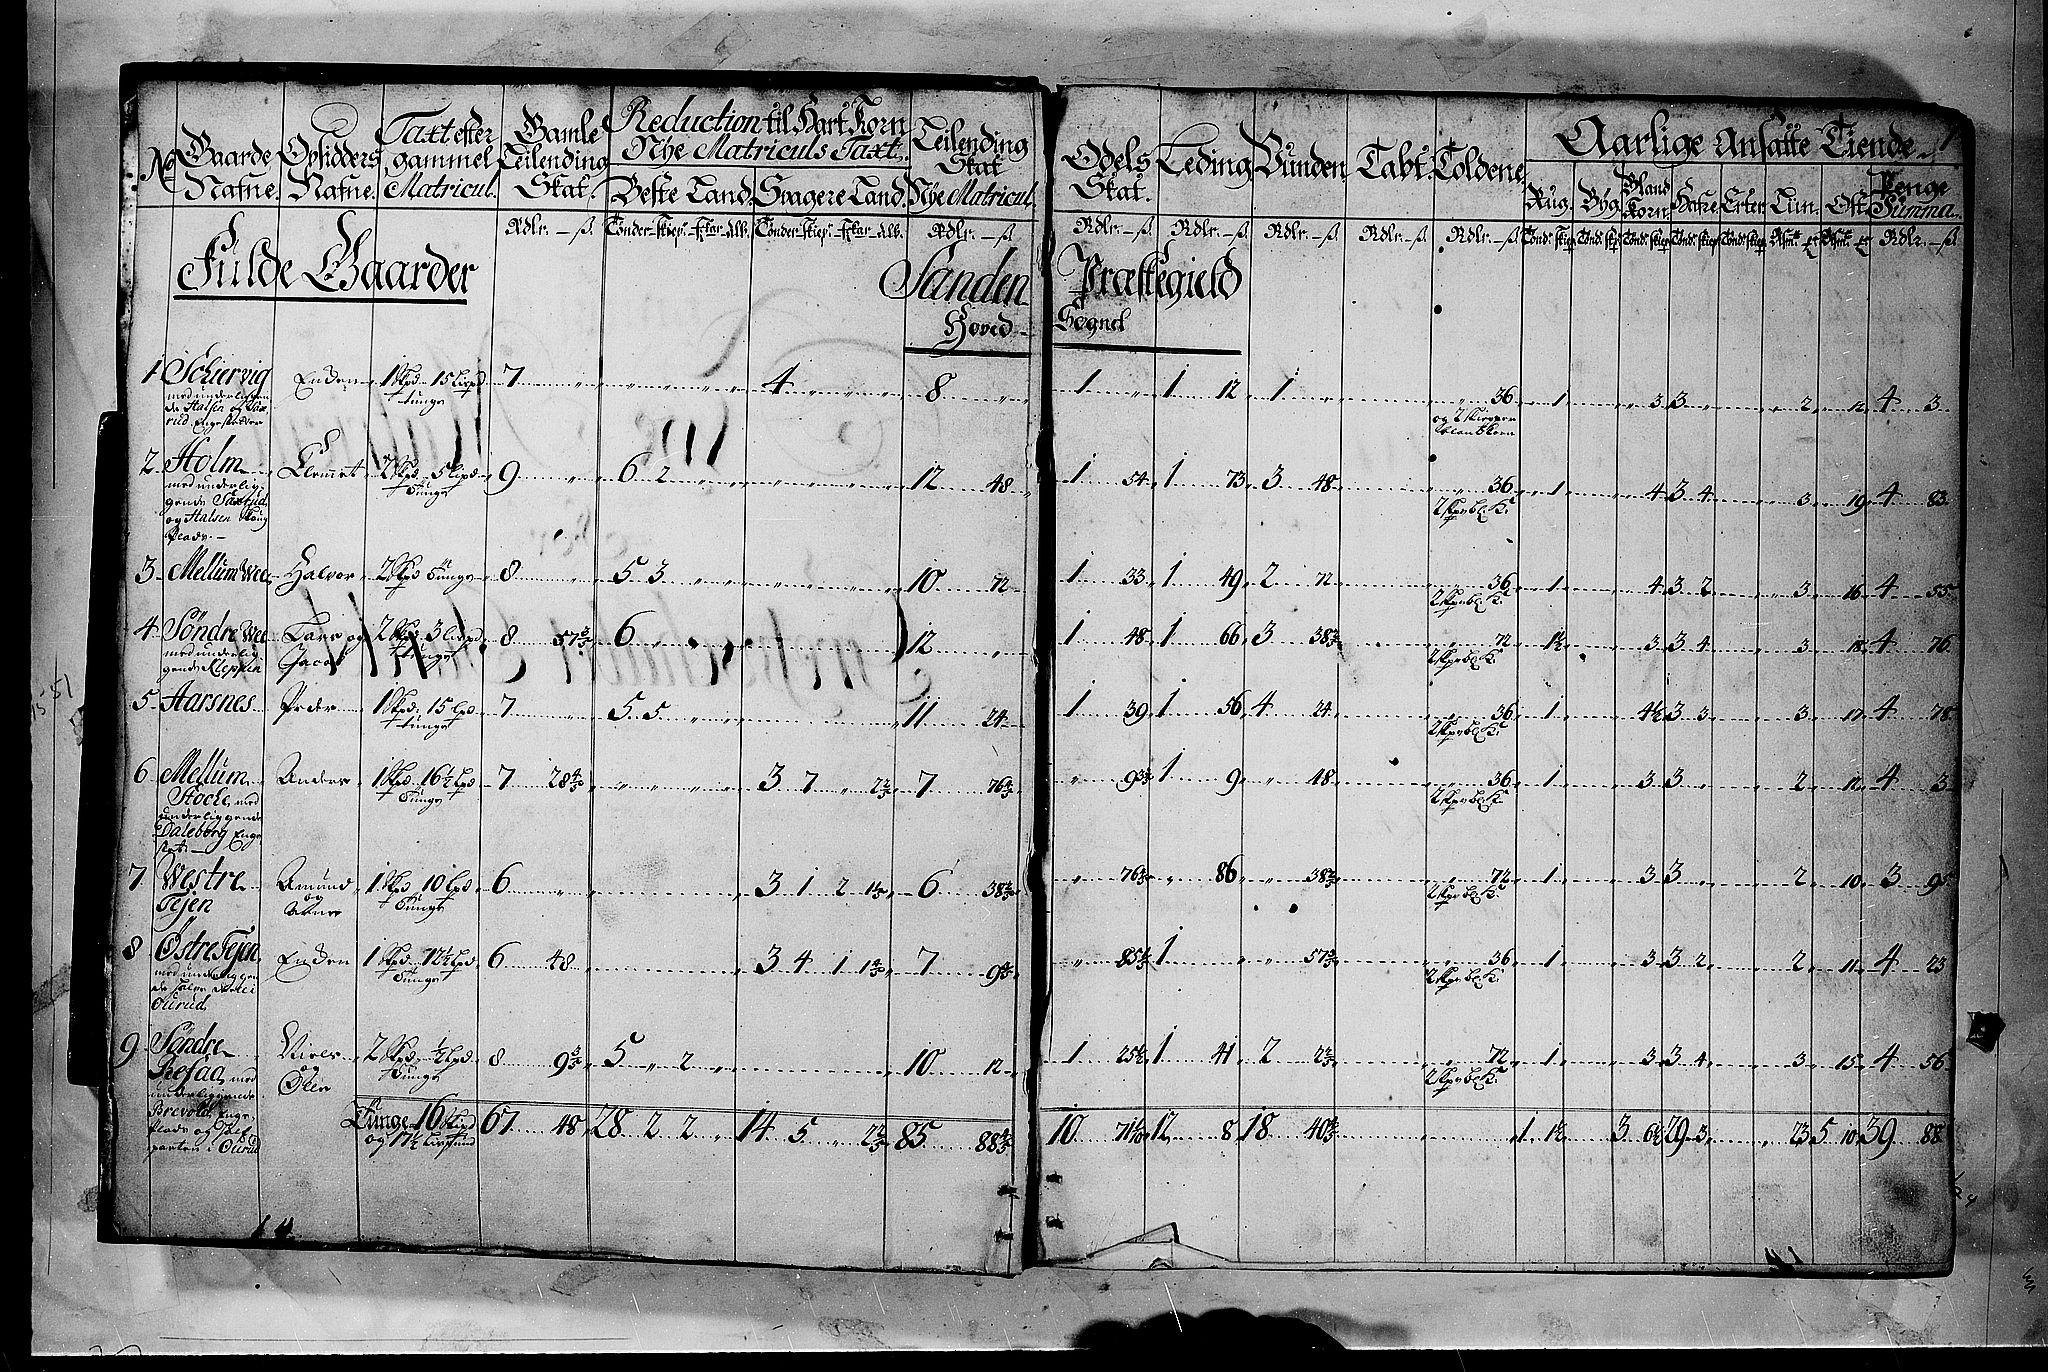 RA, Rentekammeret inntil 1814, Realistisk ordnet avdeling, N/Nb/Nbf/L0116: Jarlsberg grevskap matrikkelprotokoll, 1723, s. 1a